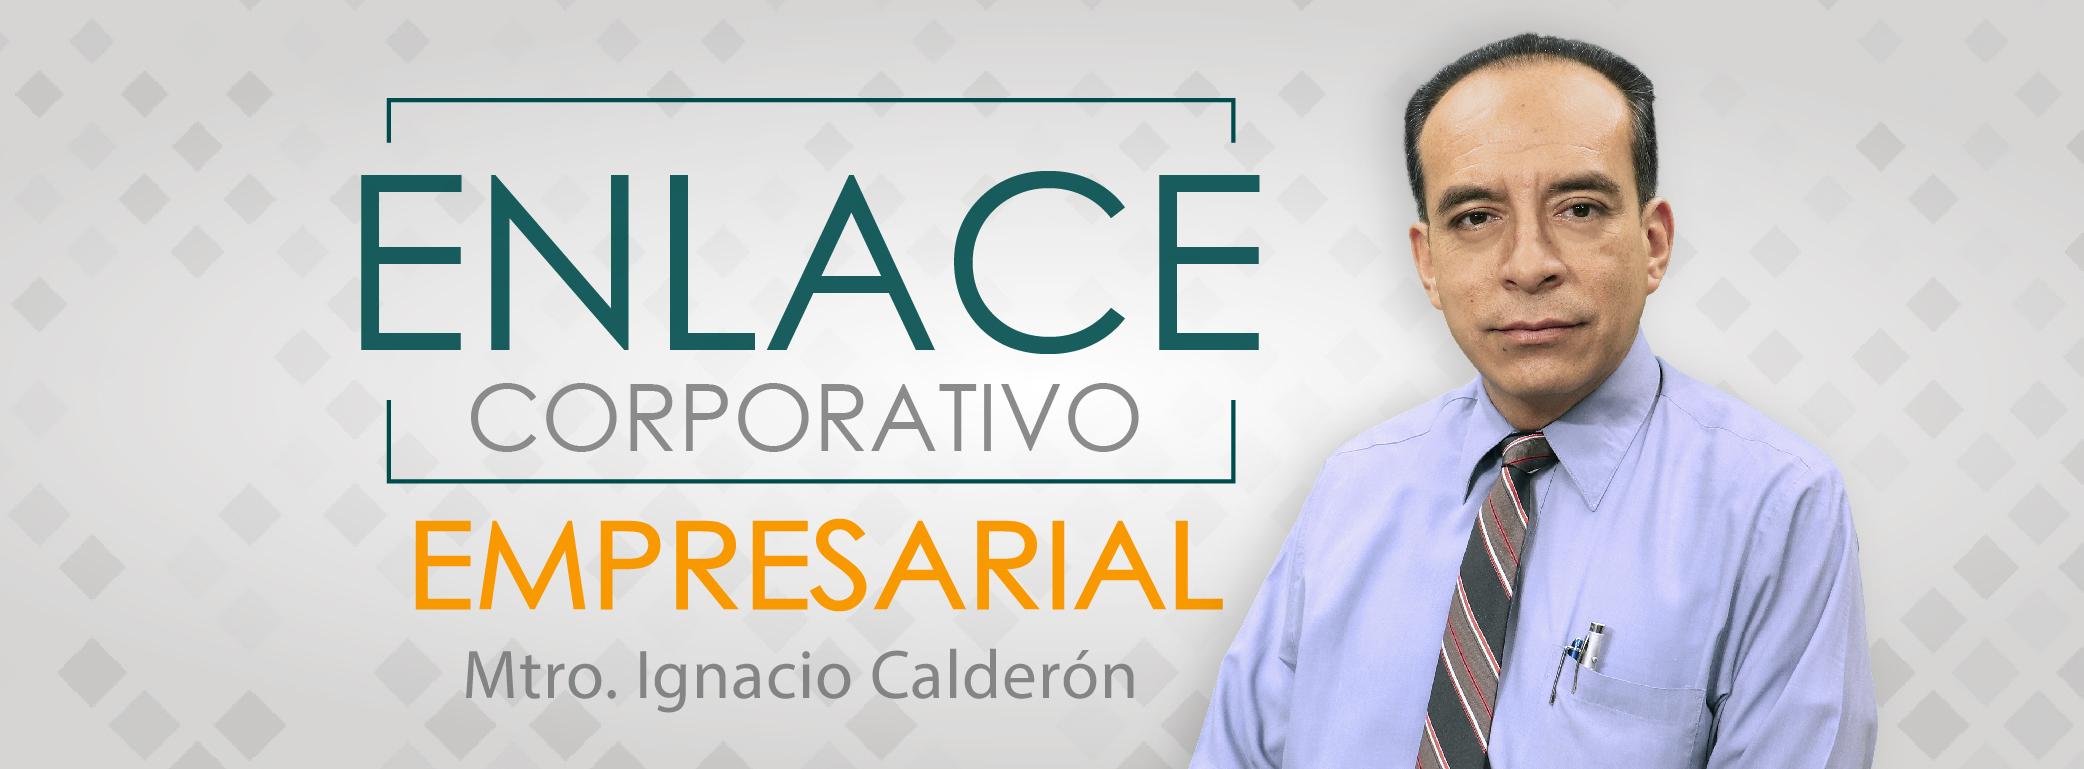 Enlace corporativo empresarial